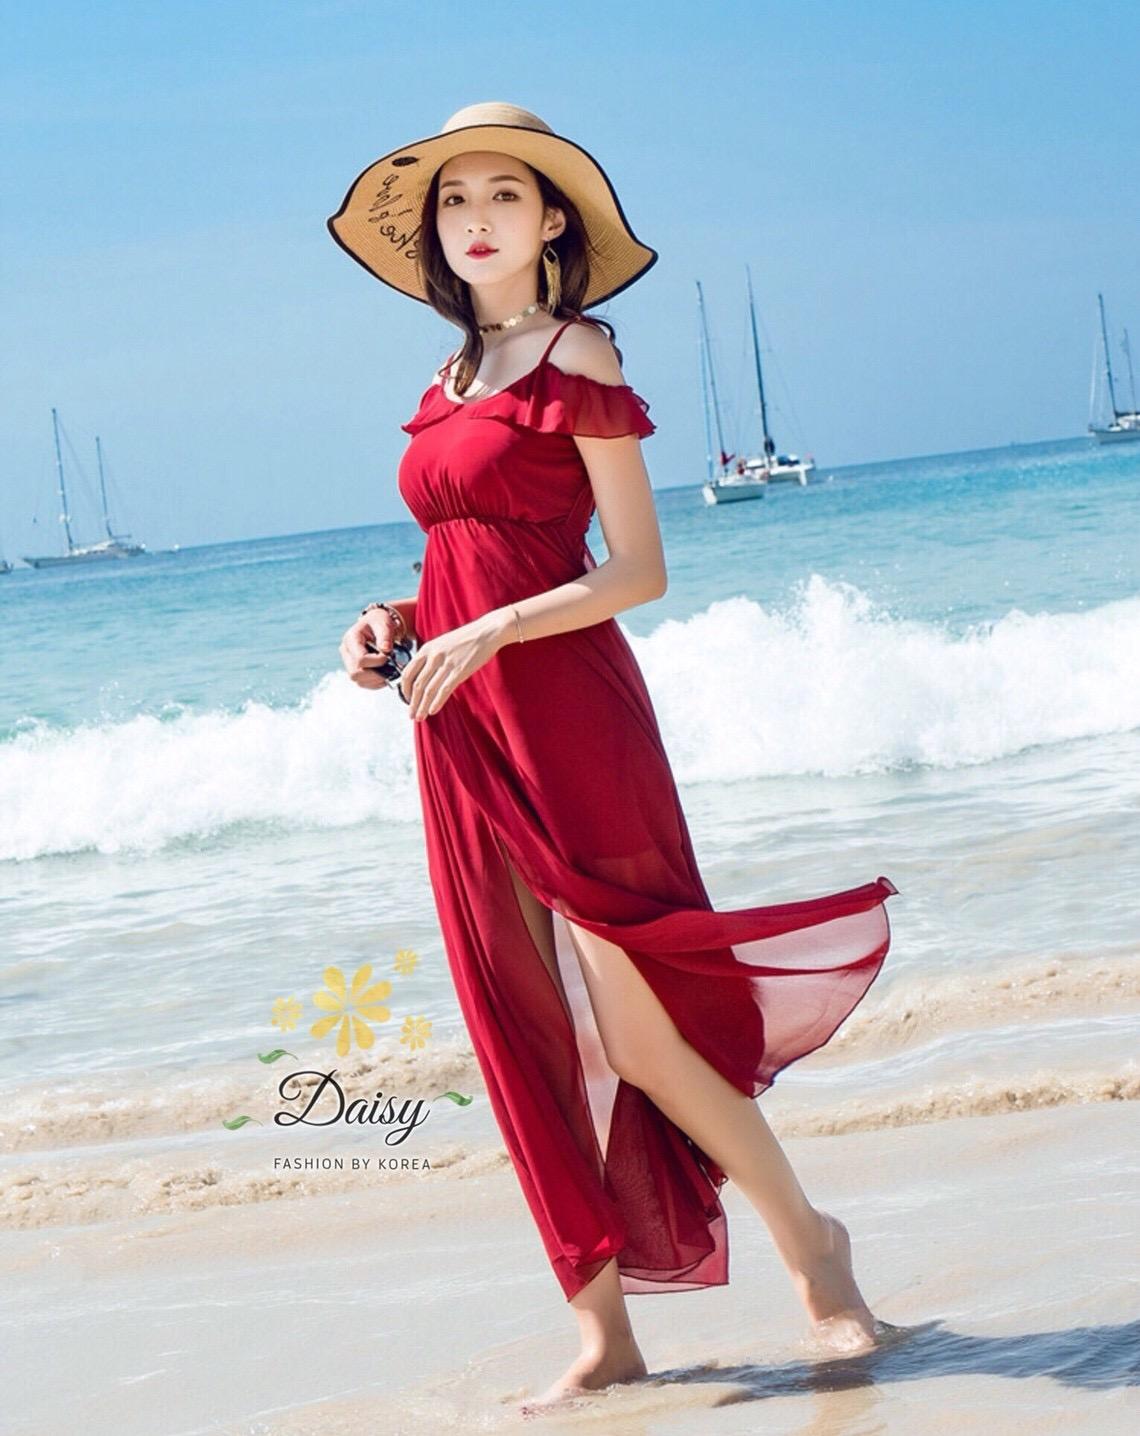 เดรสแฟชั่น เดรสผ้าชีฟองเกาหลี เนื้อจะหนากว่าชีฟองปกติ มีน้ำหนักทิ้งตัวสวย